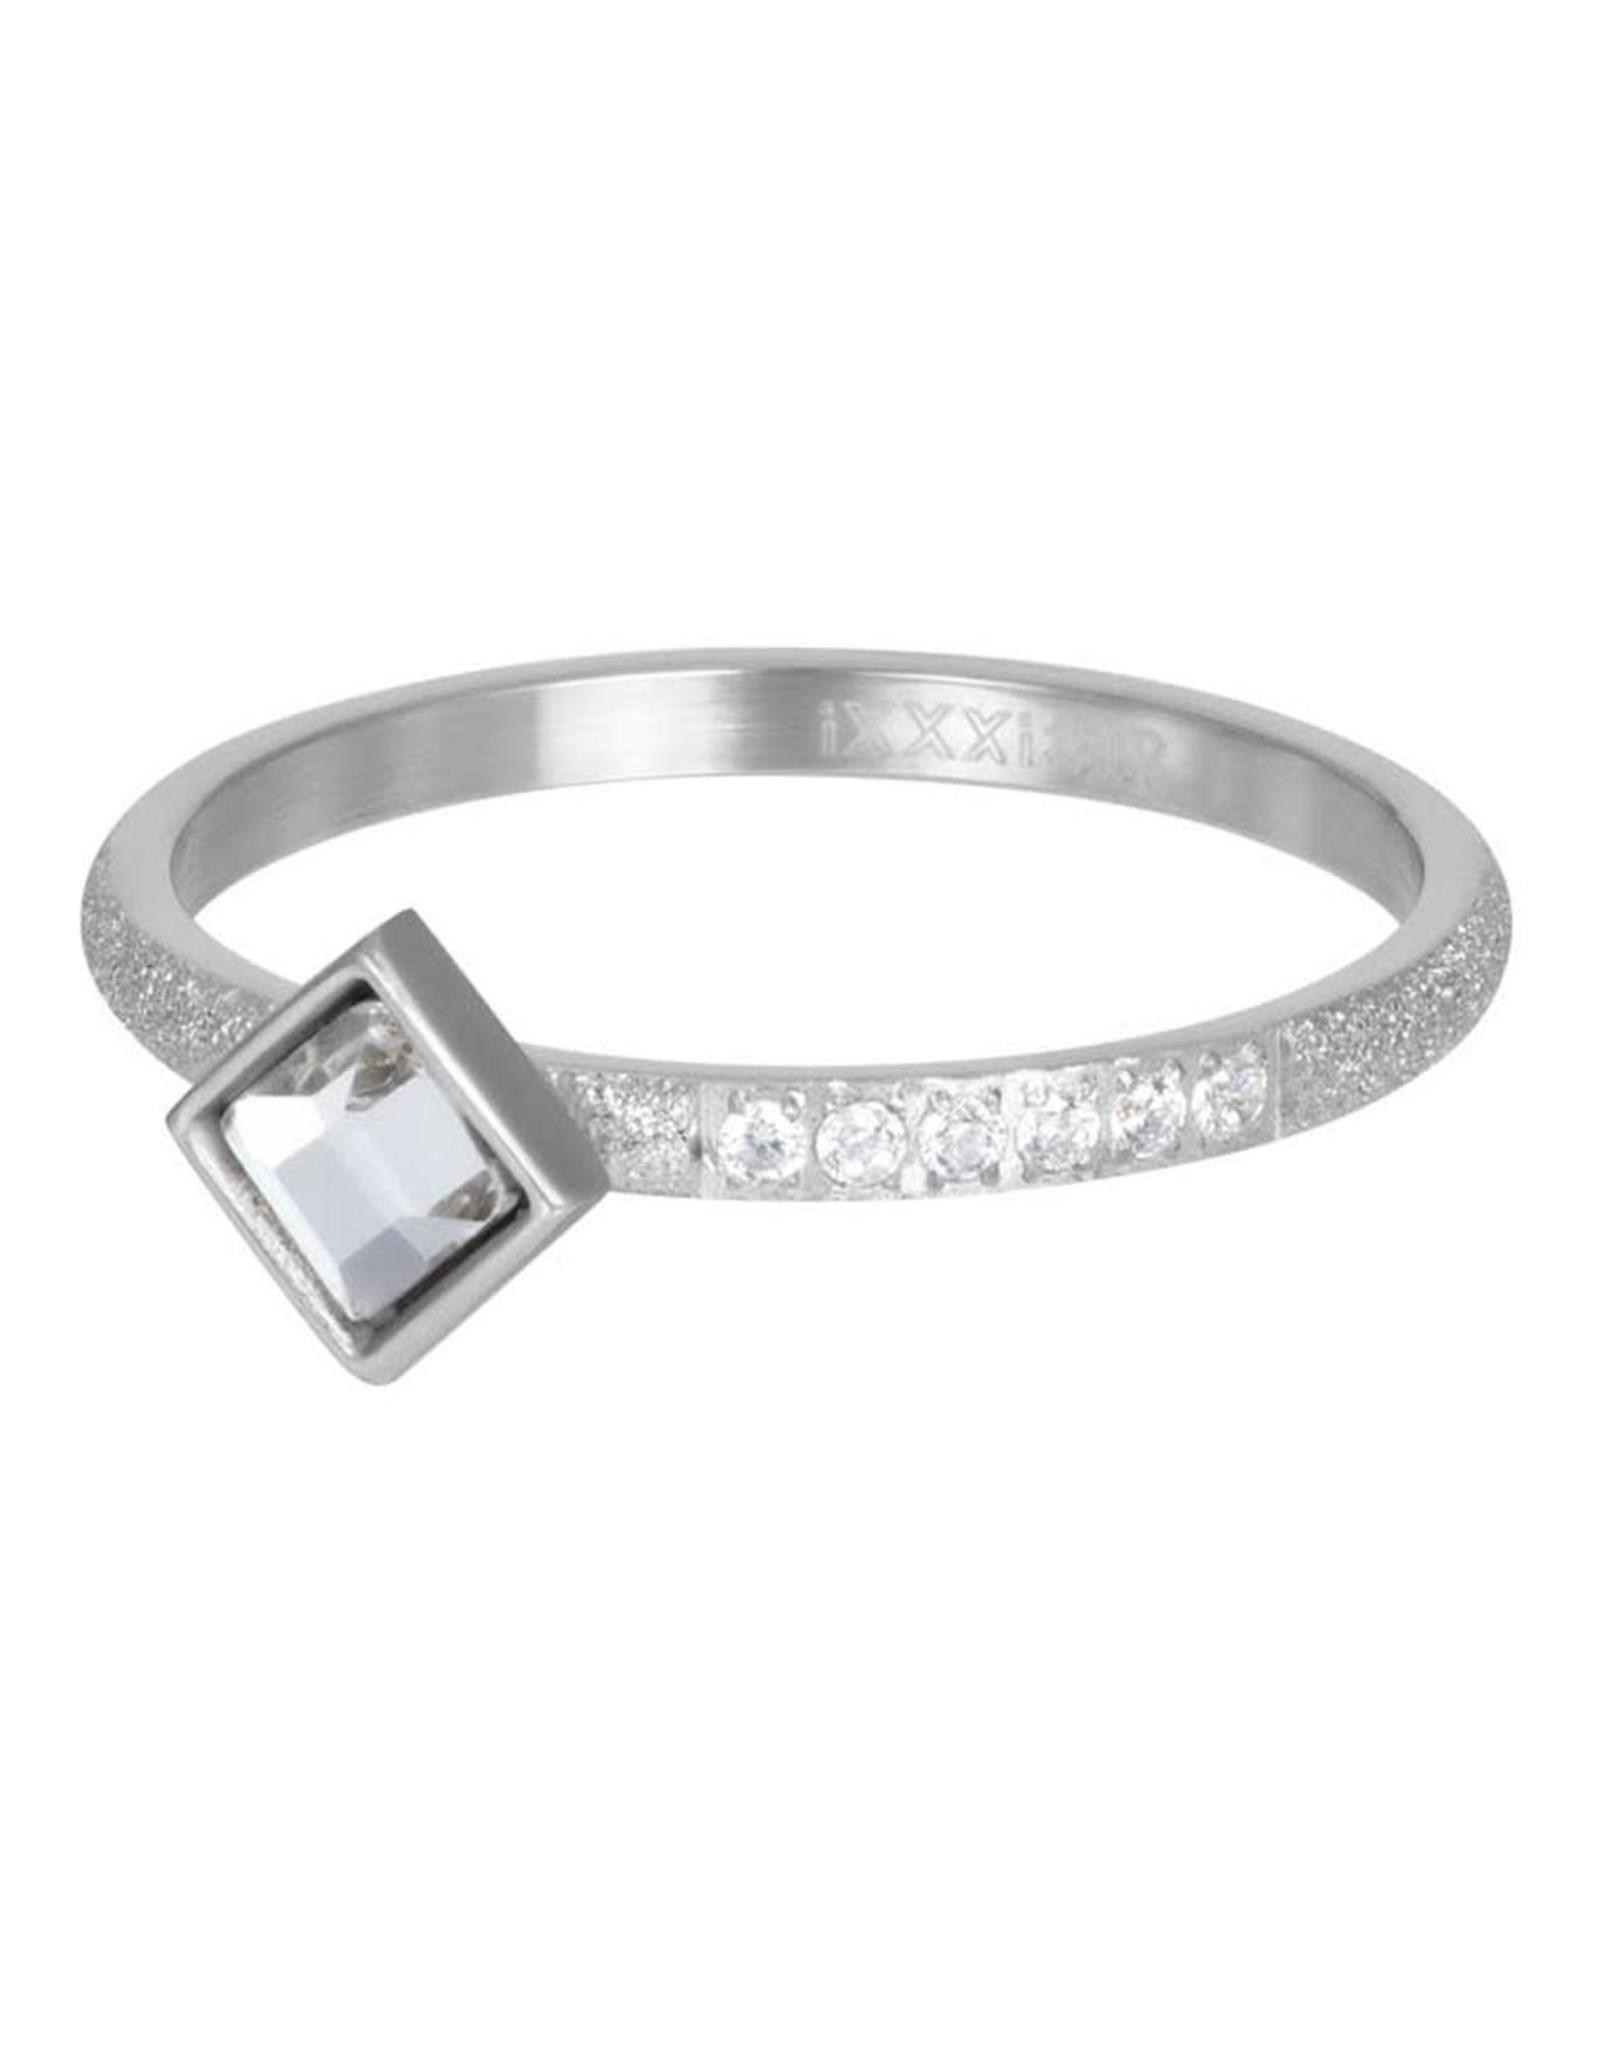 iXXXi Jewelry iXXXi vulring Lumi